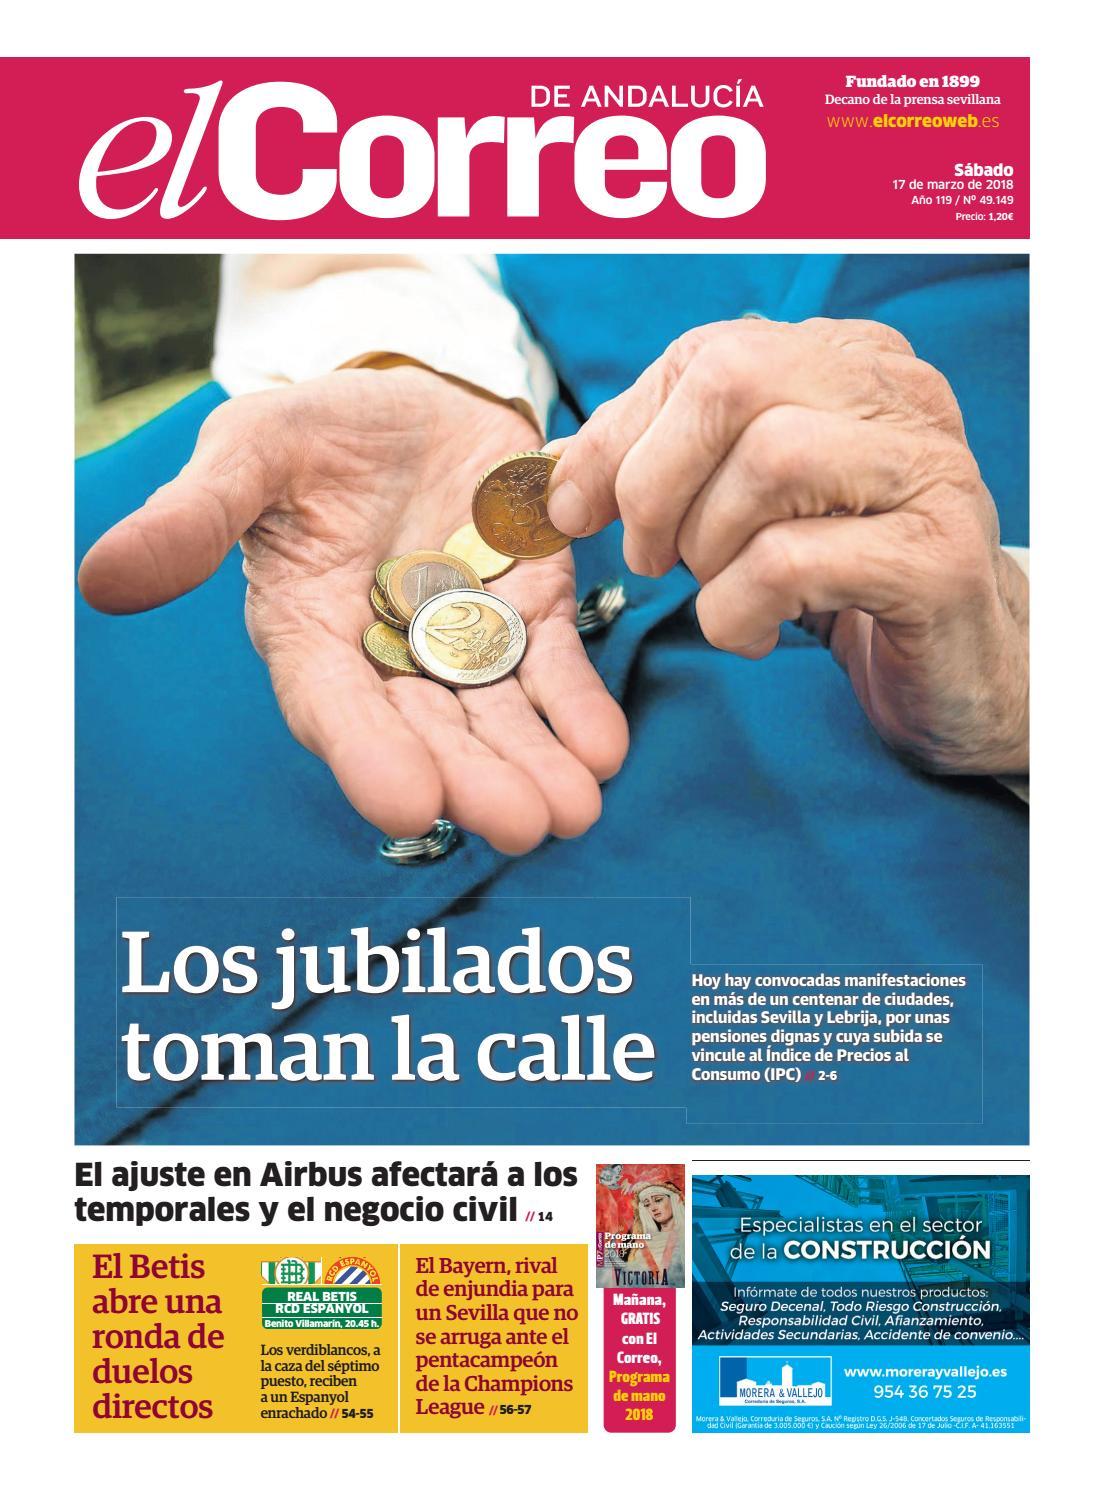 17.03.2018 El Correo de Andalucía by EL CORREO DE ANDALUCÍA S.L. - issuu f1830592b06